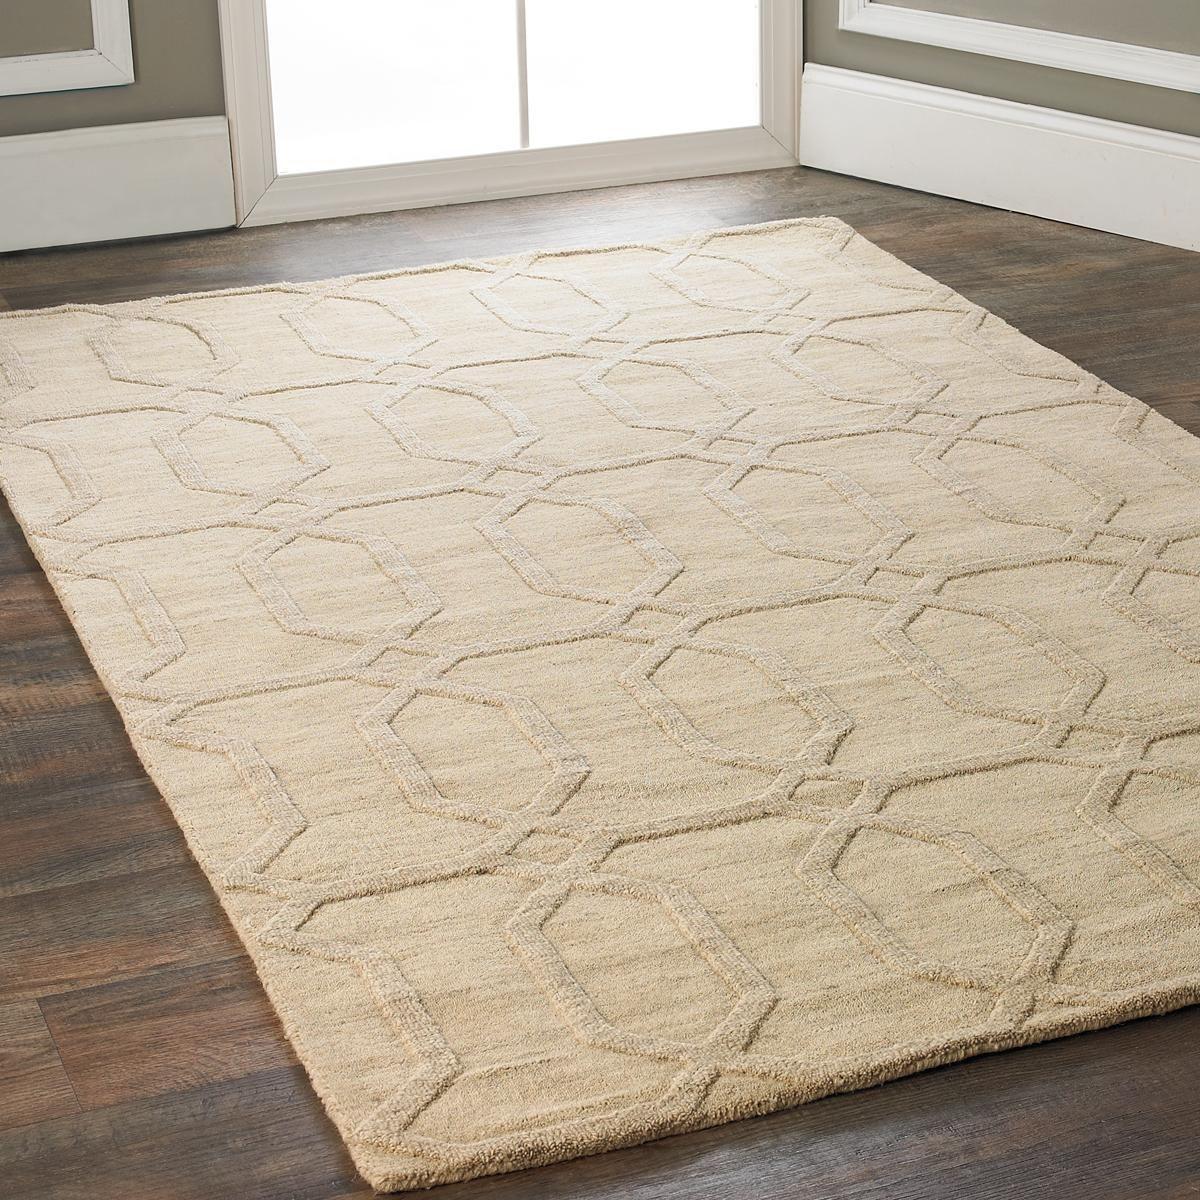 Diamond Prism Imprint Rug Rugs Solid Color Rug Modern Carpet